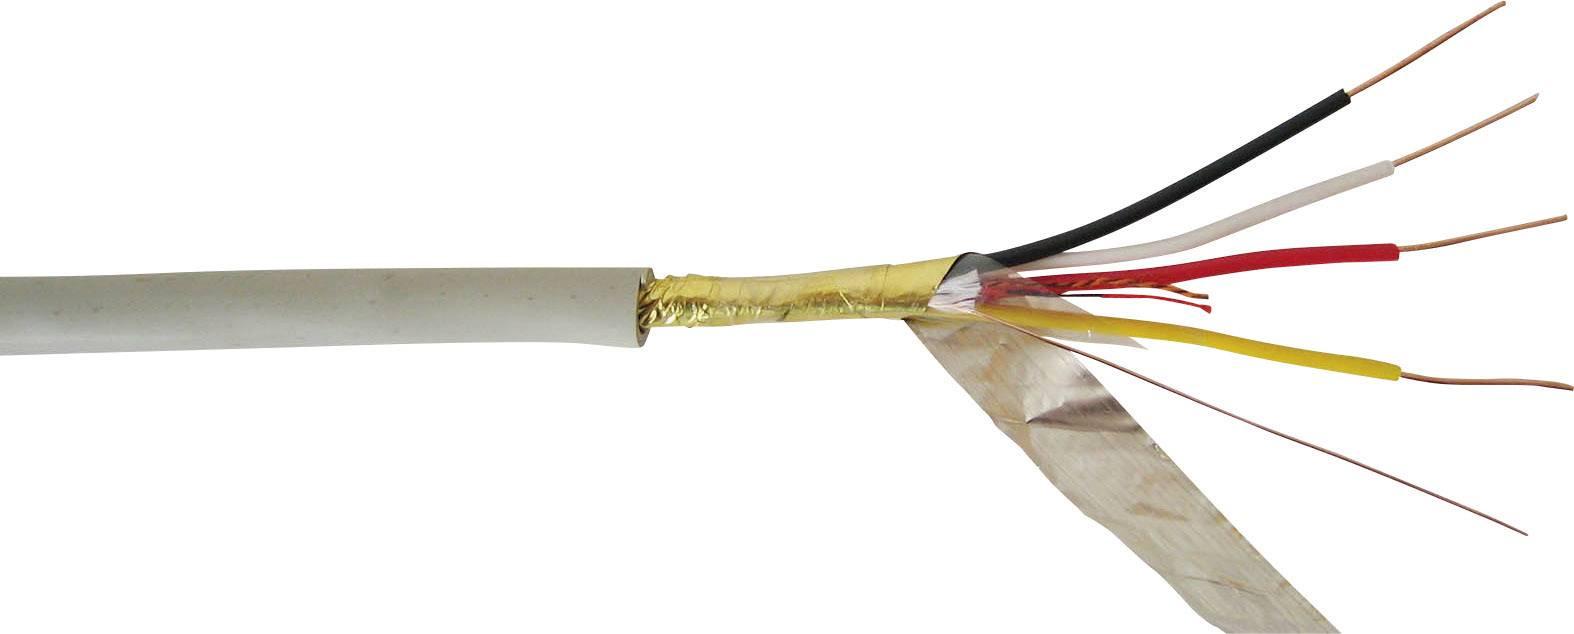 Telefonní kabel J-Y(ST)Y VOKA Kabelwerk 100817-00, 4 x 2 x 0.60 mm, křemenová šedá (RAL 7032), metrové zboží